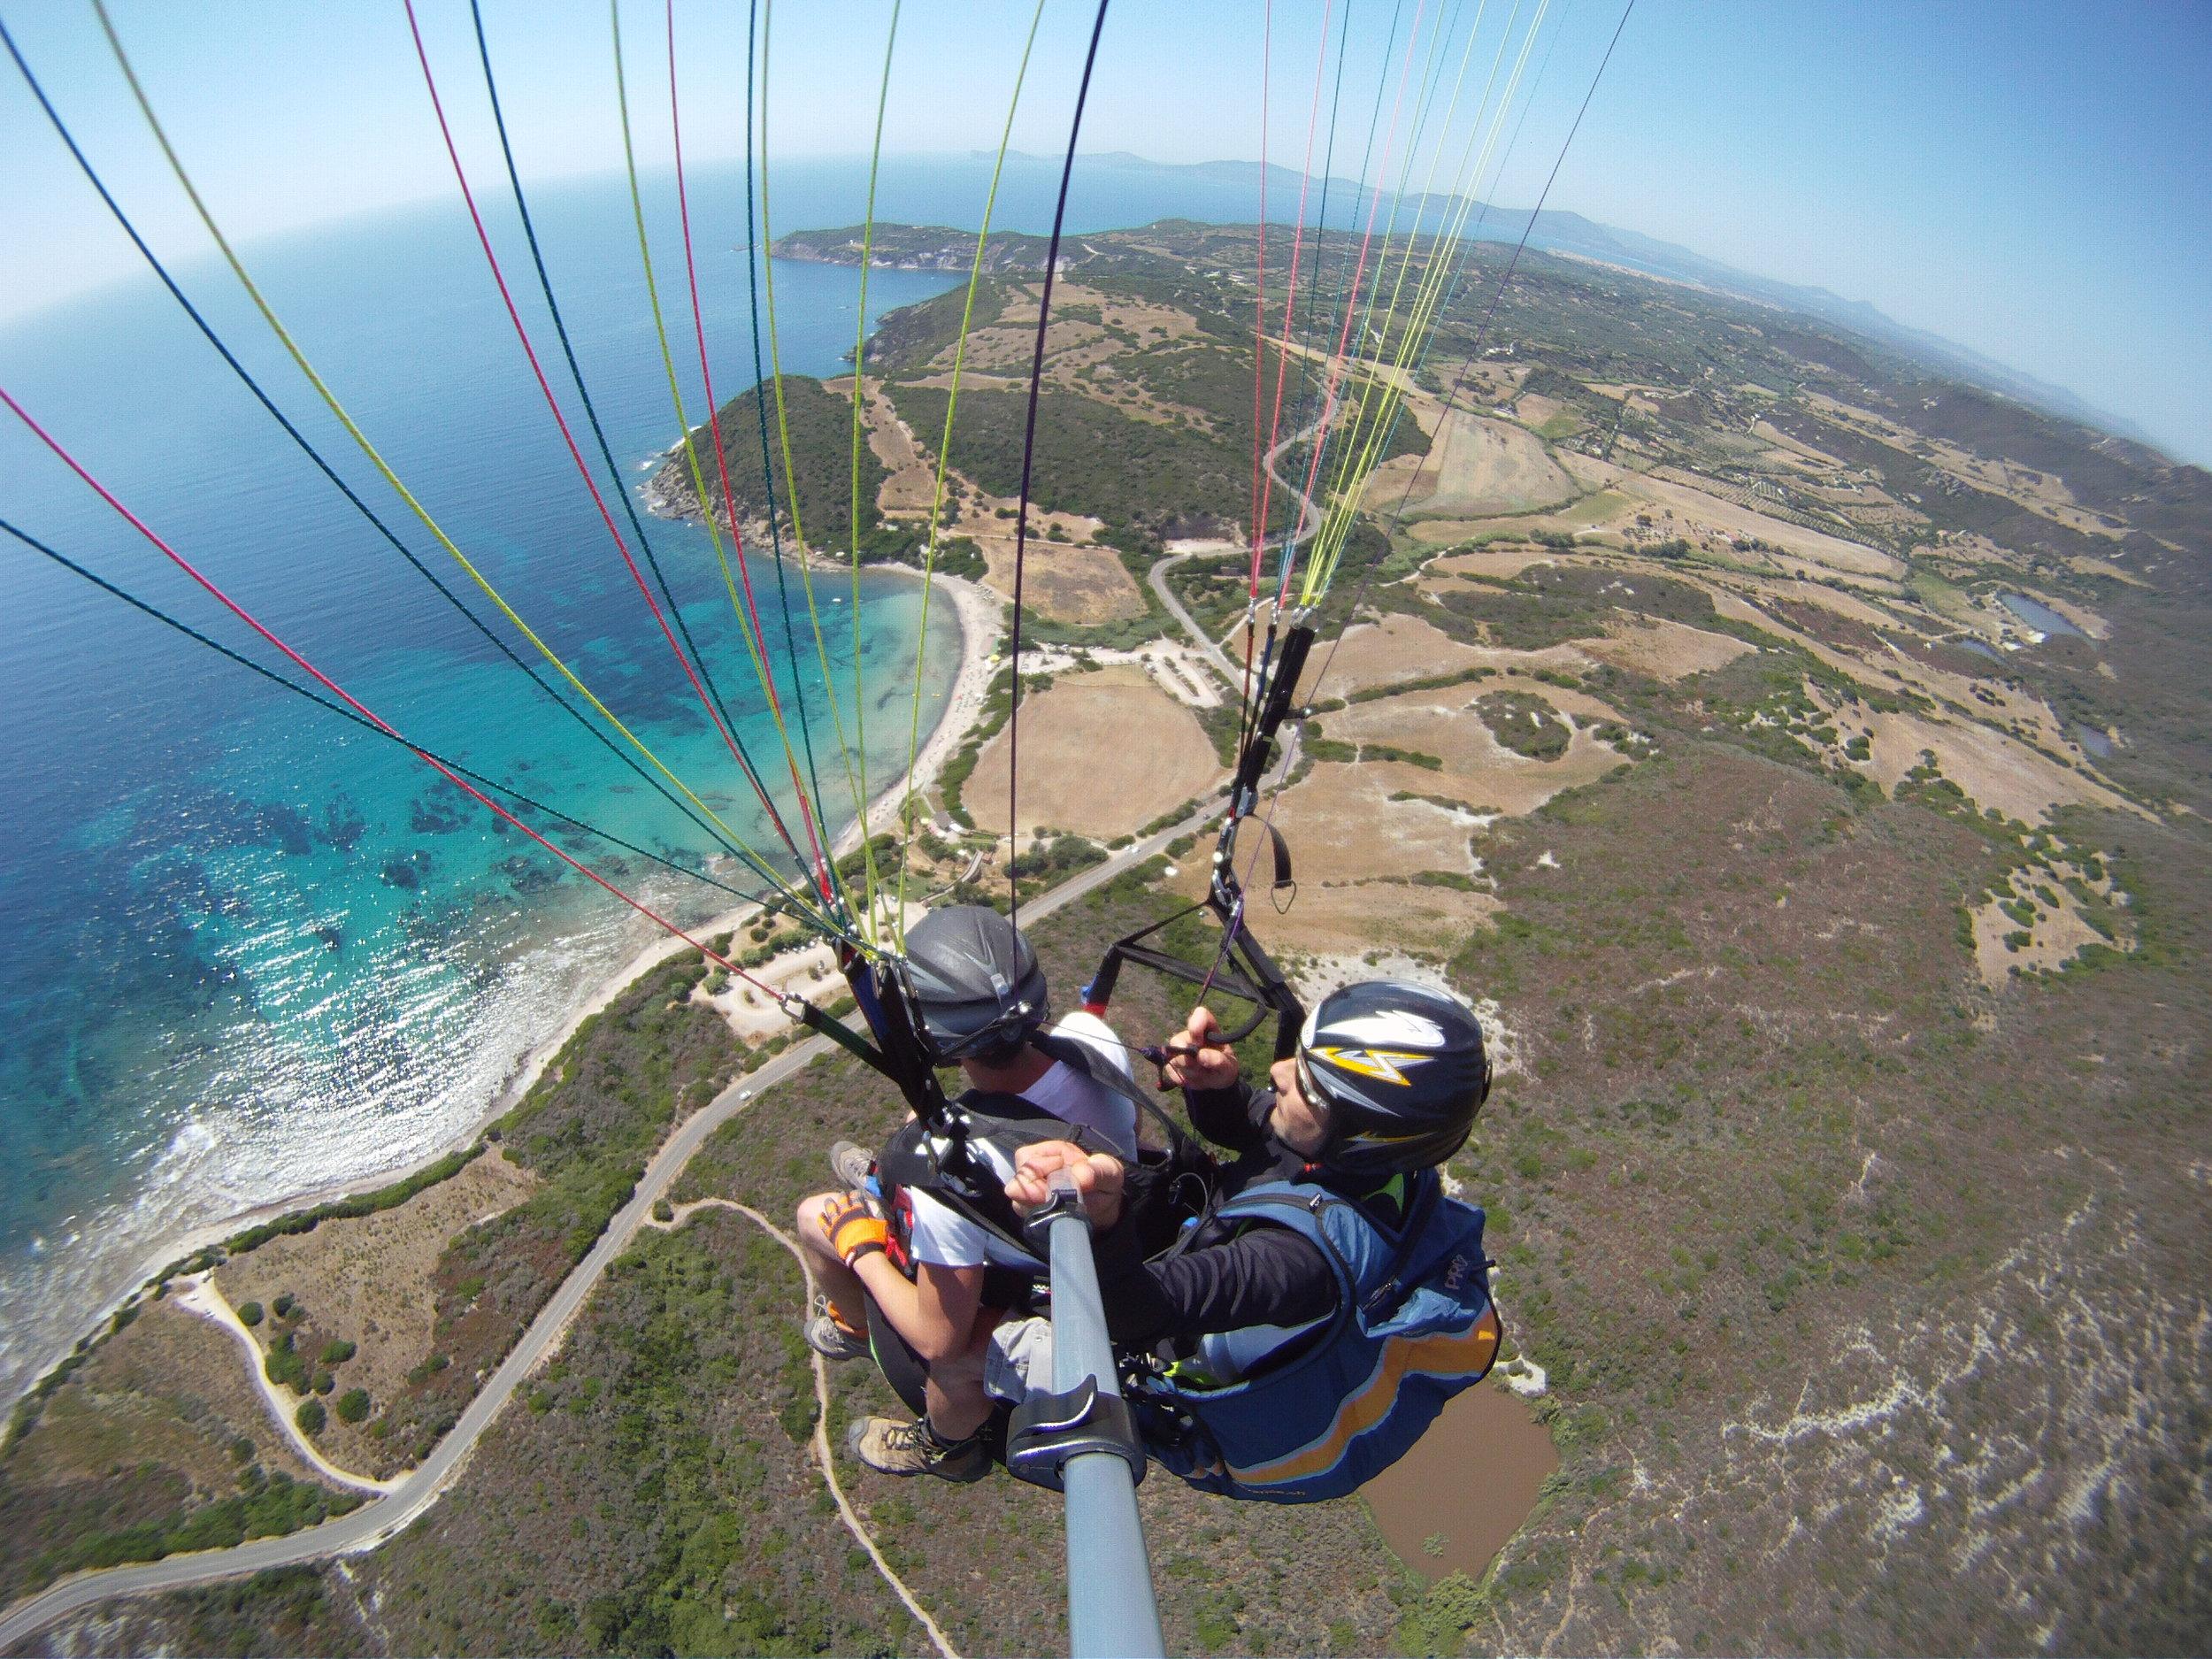 Fly high over La Speranza beach